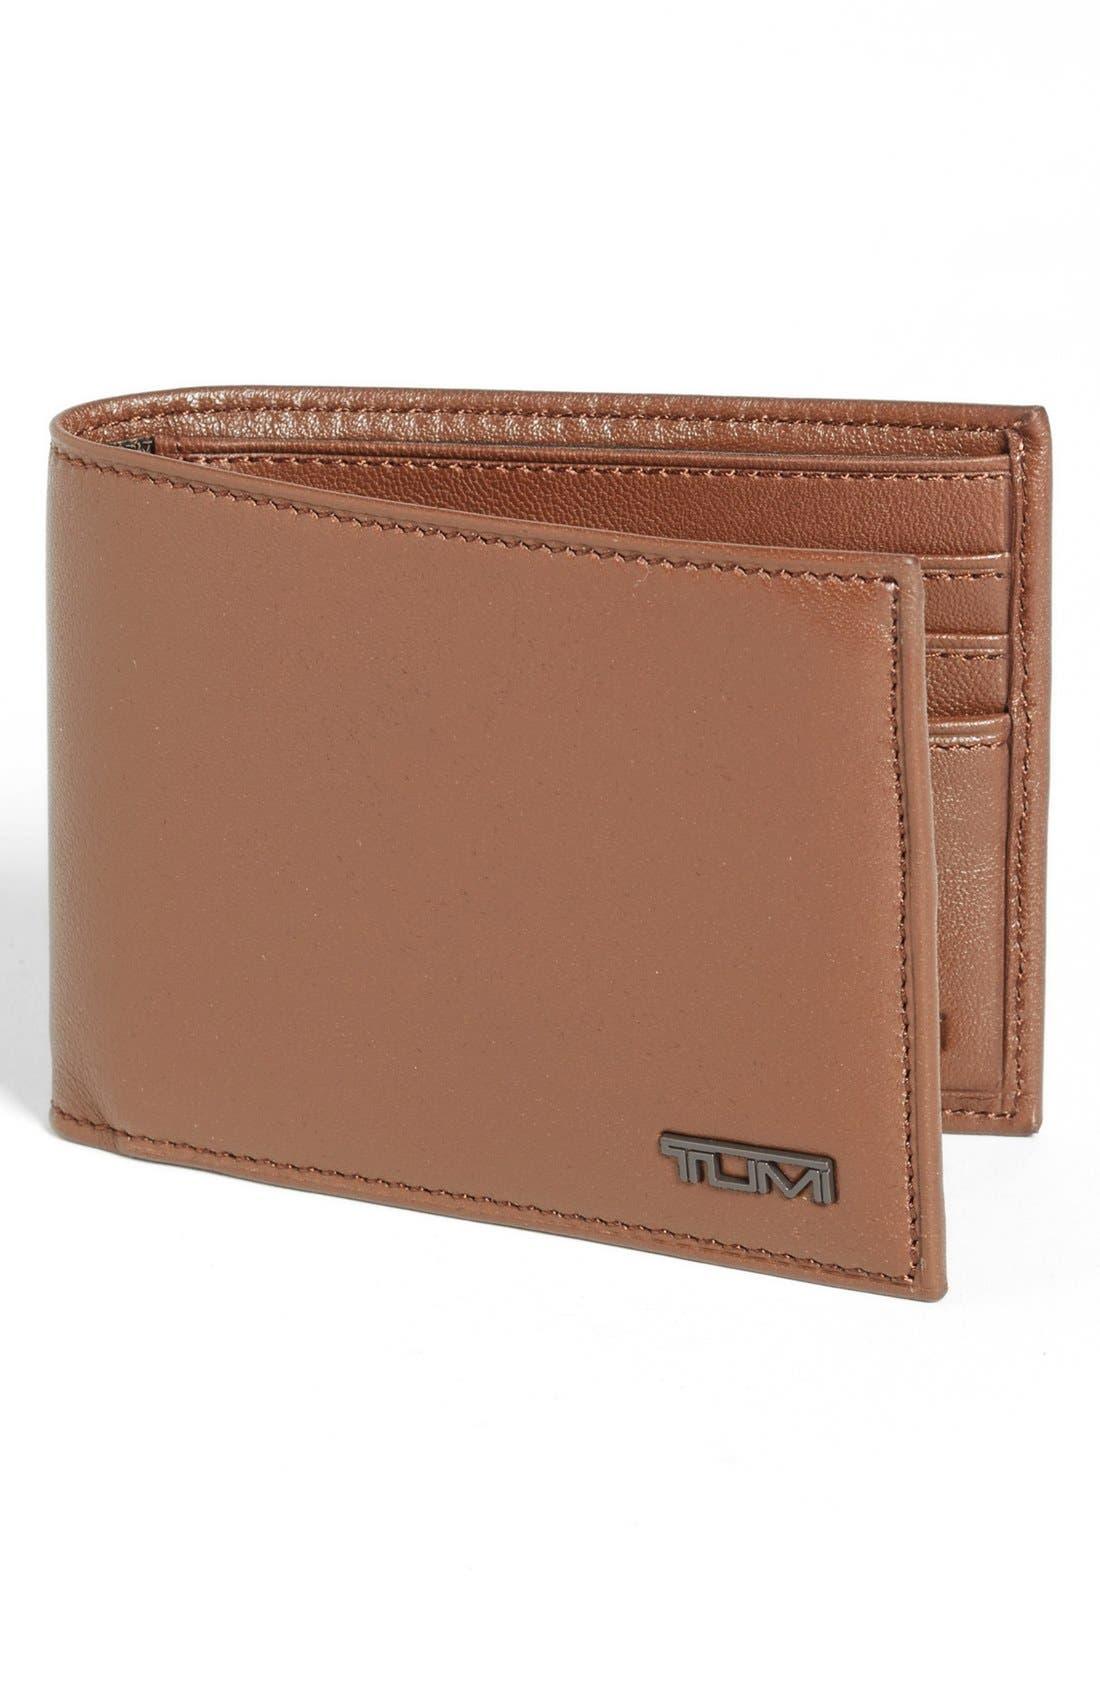 Main Image - Tumi 'Delta Double' Billfold Wallet